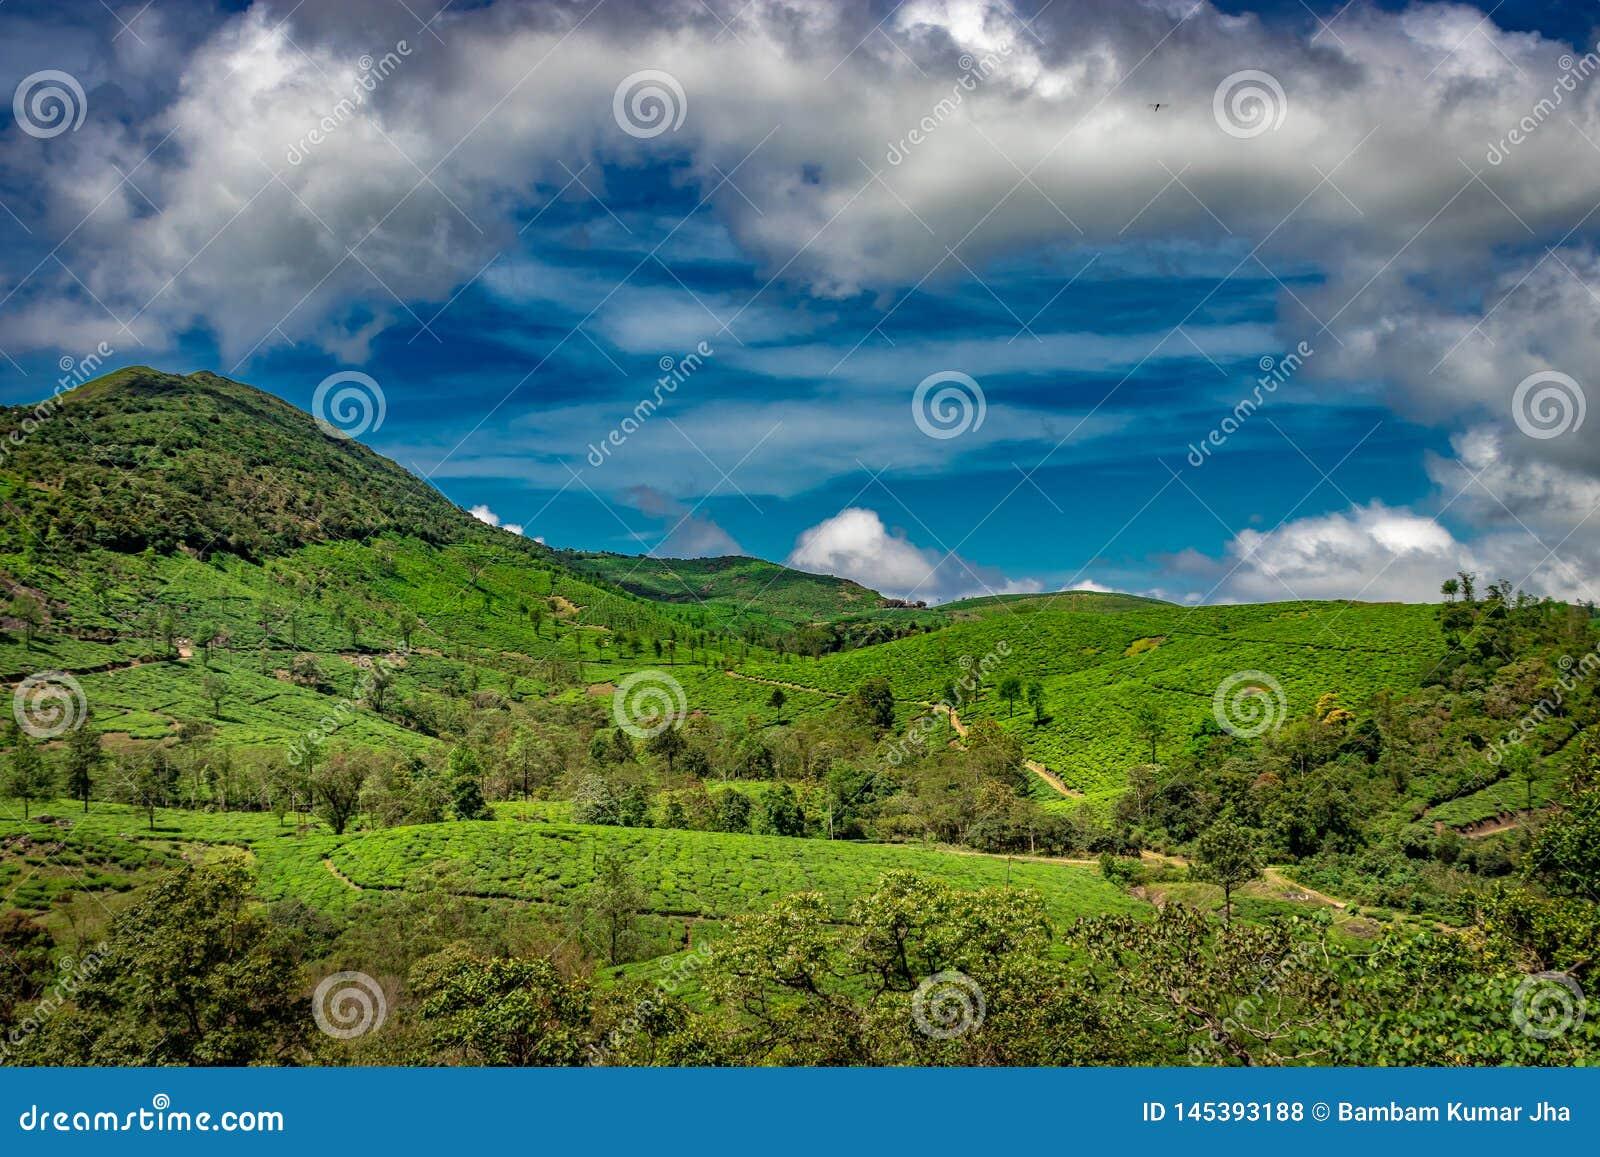 El té verde cultiva un huerto las colinas con el cielo azul